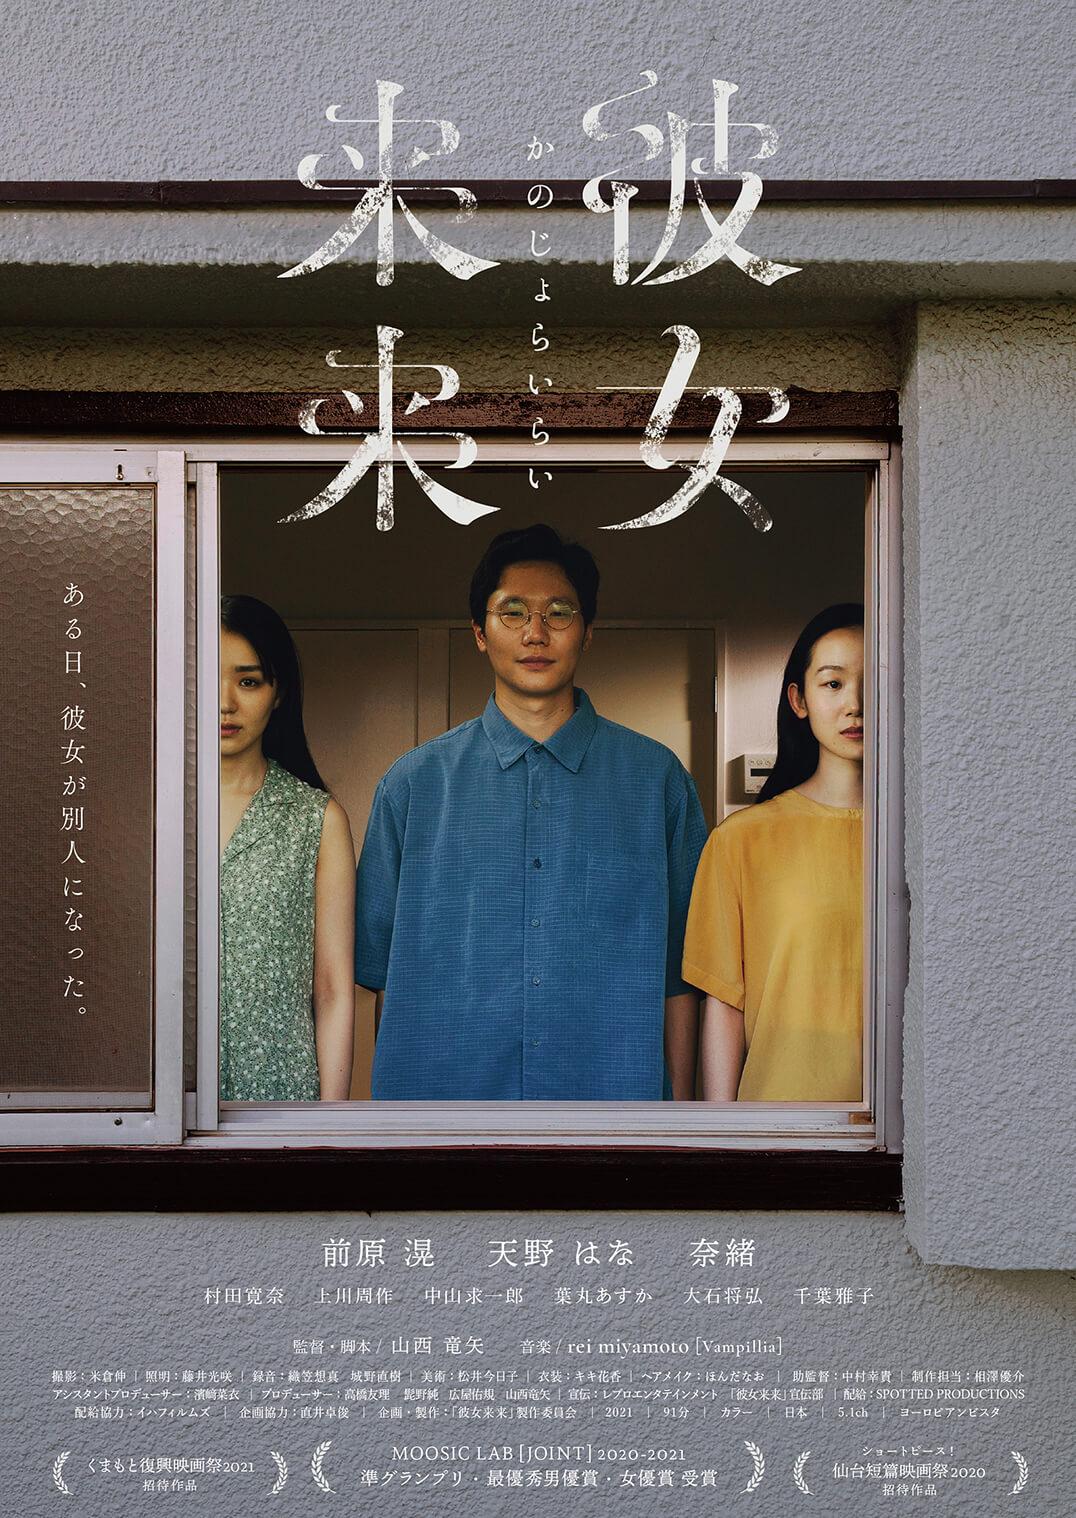 She Came Film Jepang (2021) : Sinopsis dan Review